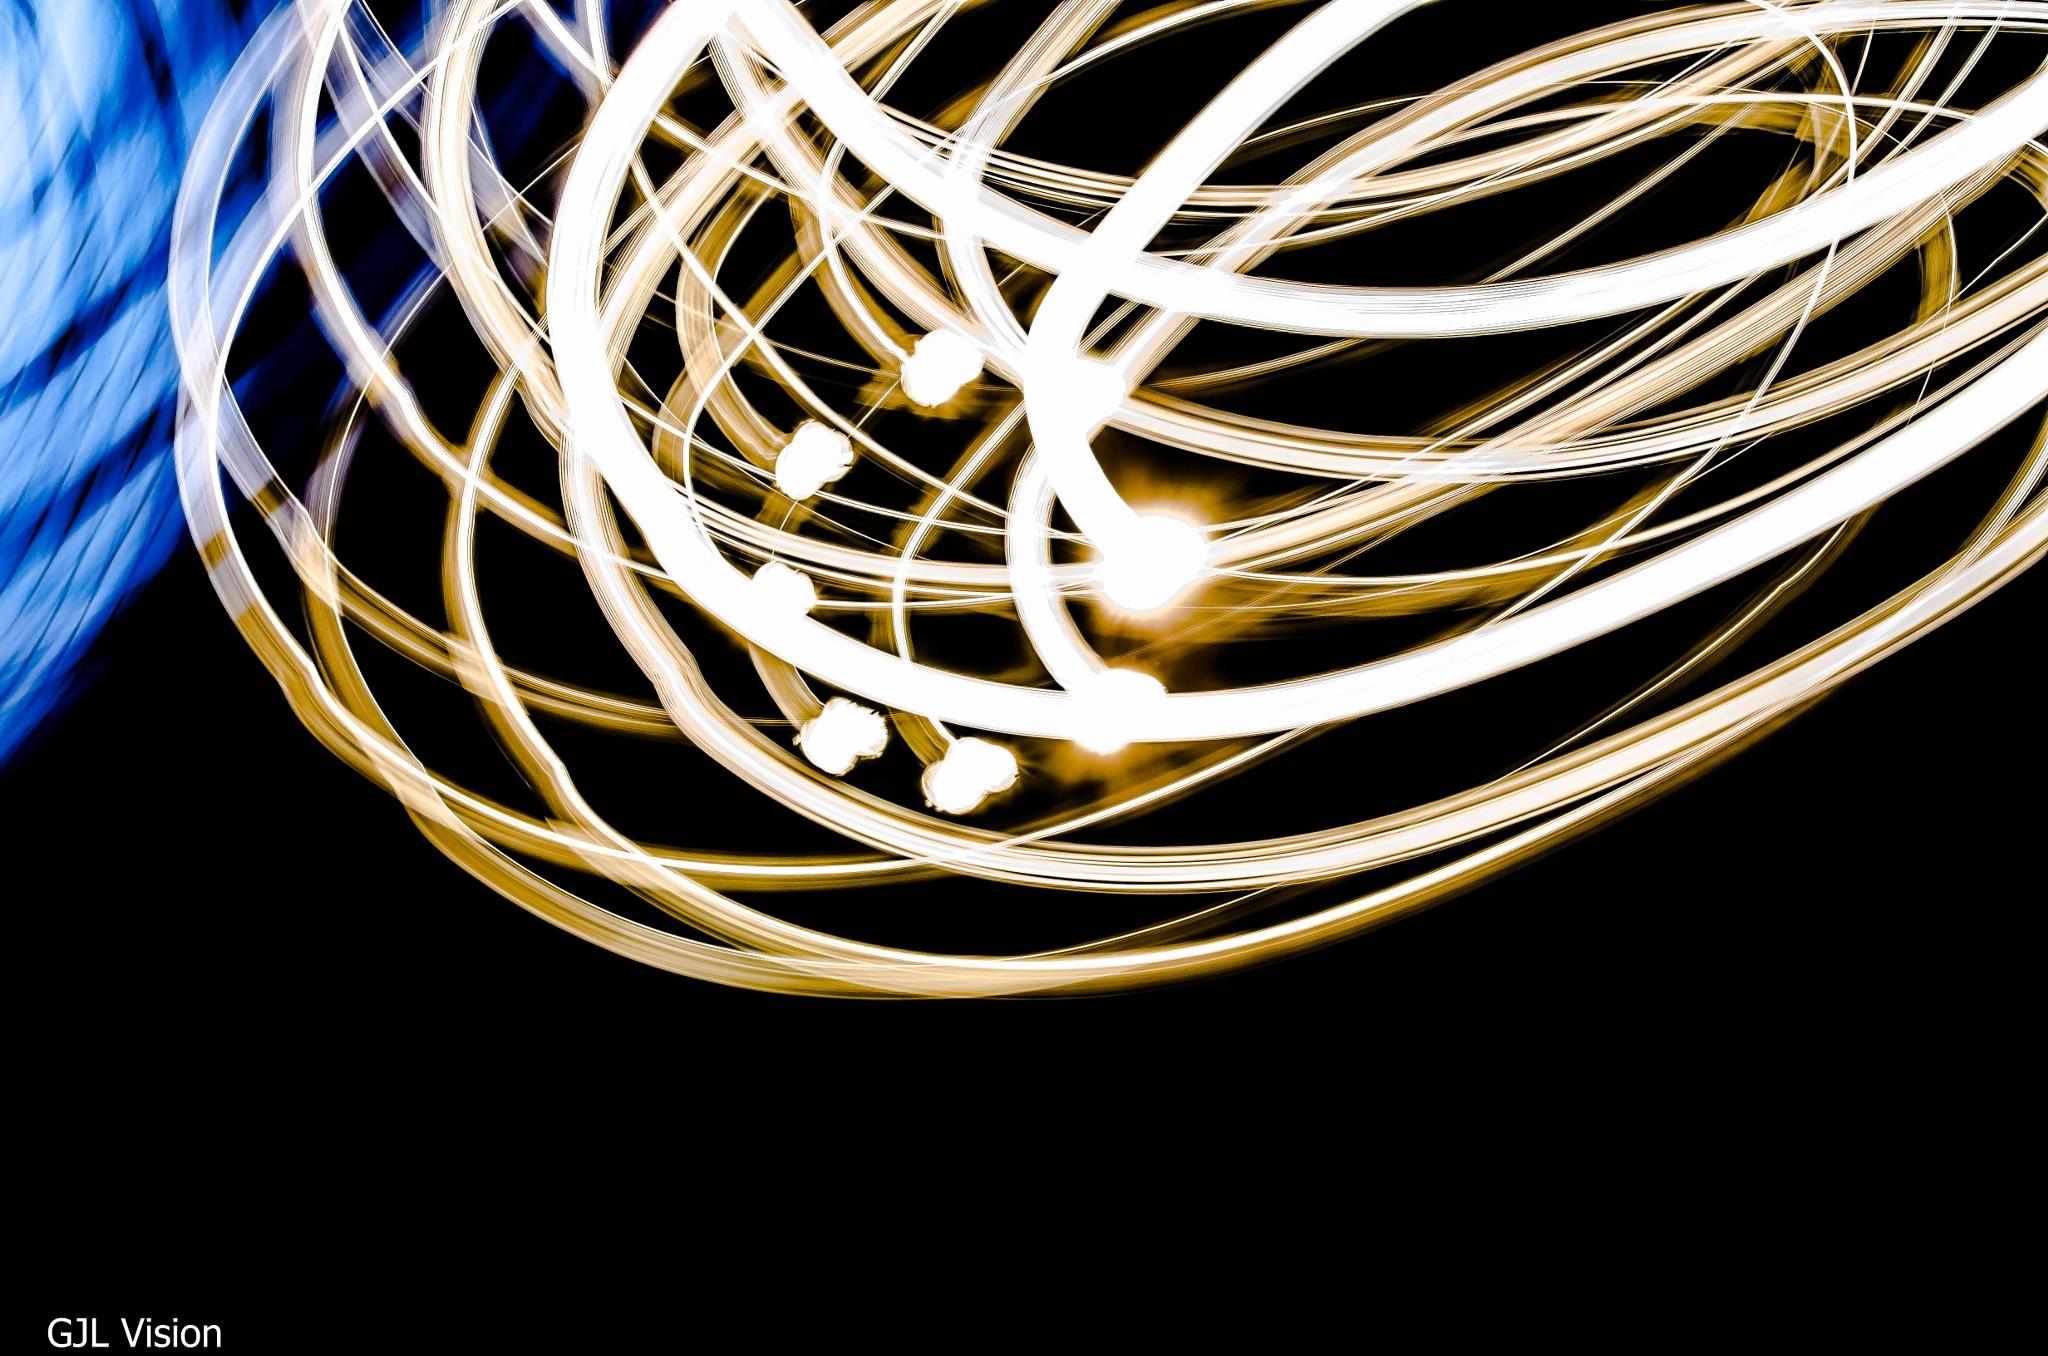 Fire Flies by gilbert.lopez.14